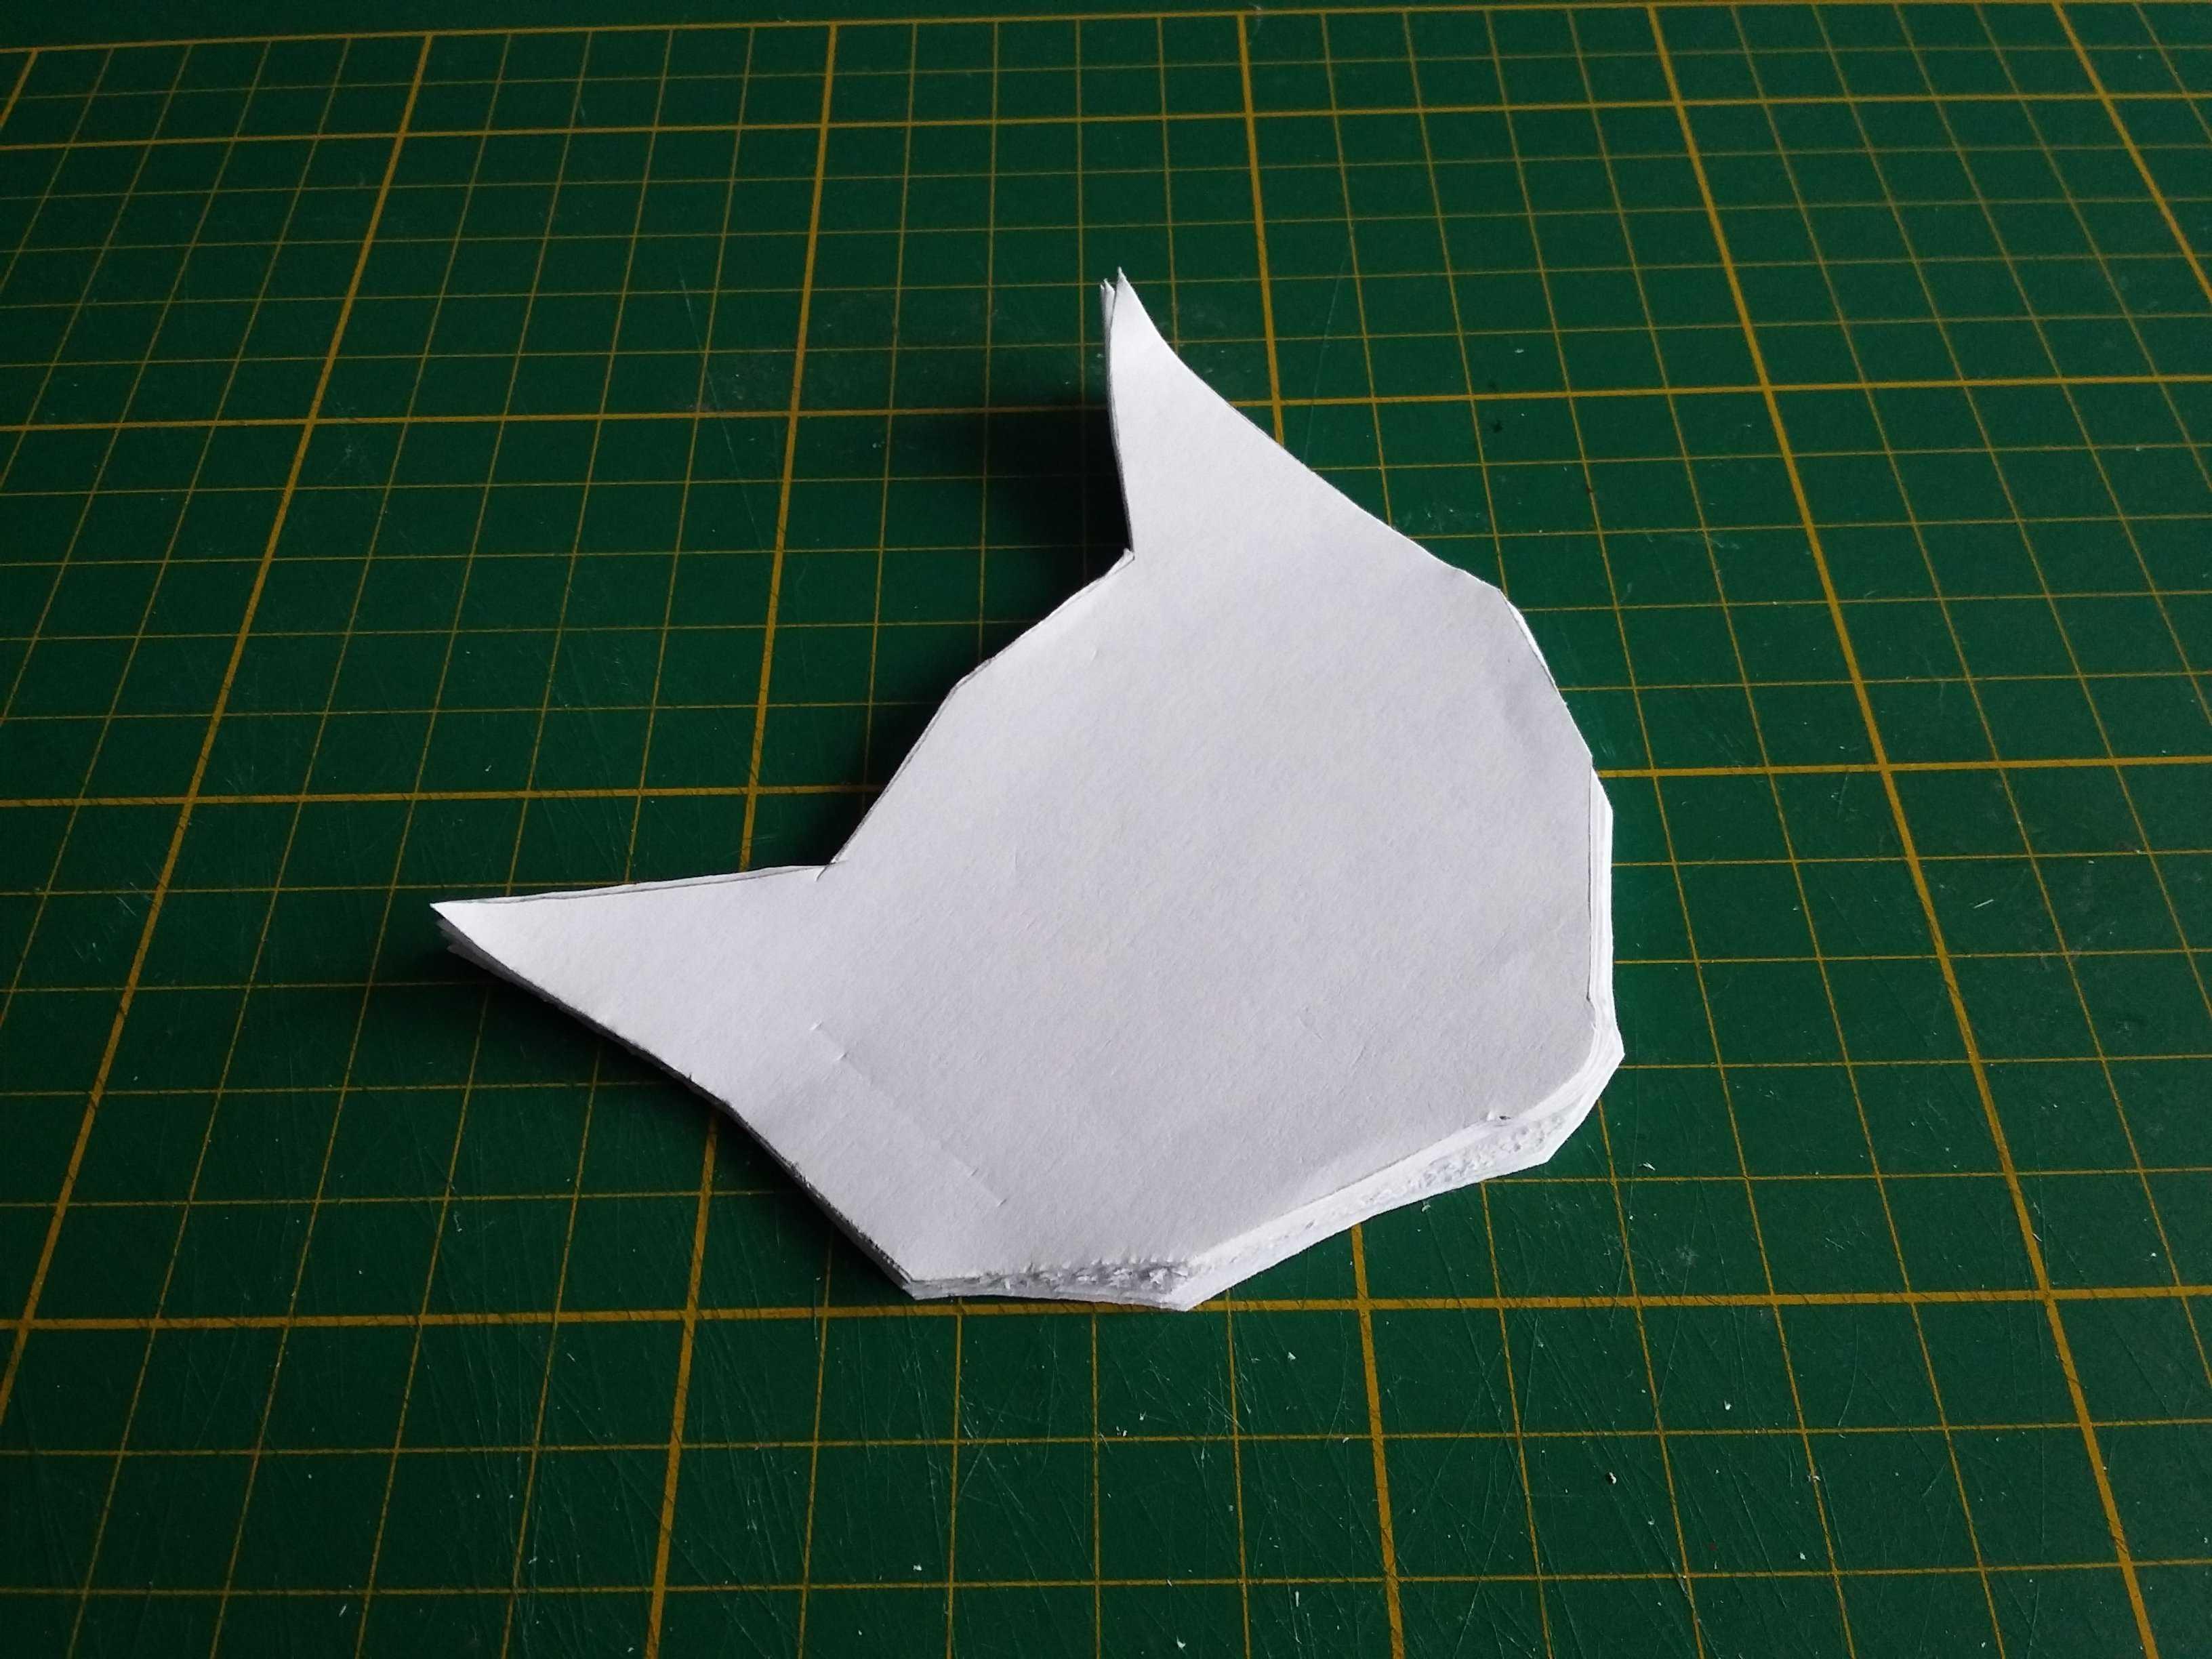 Medium bullesdeplume oam carnetrenard pr%c3%a9pa feuilles carnet5